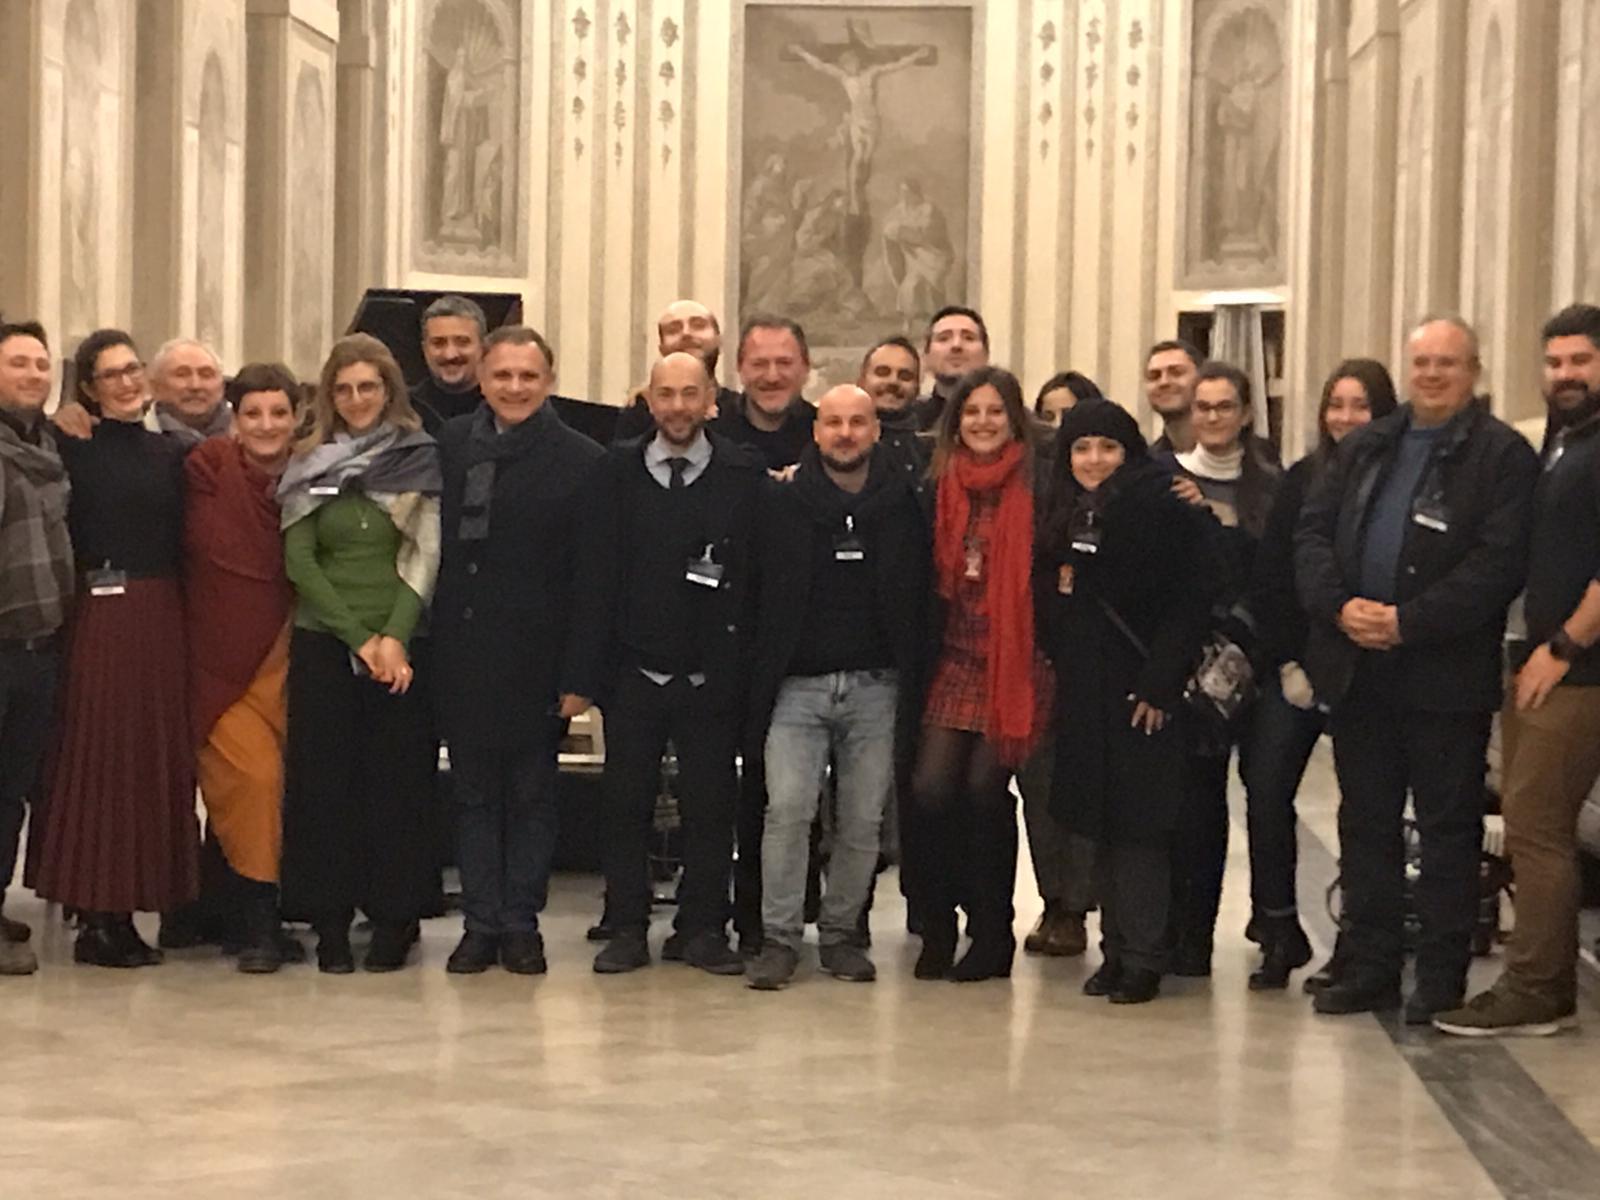 Una notte al Chiostro di Santa Chiara: terza edizione, foto di gruppo